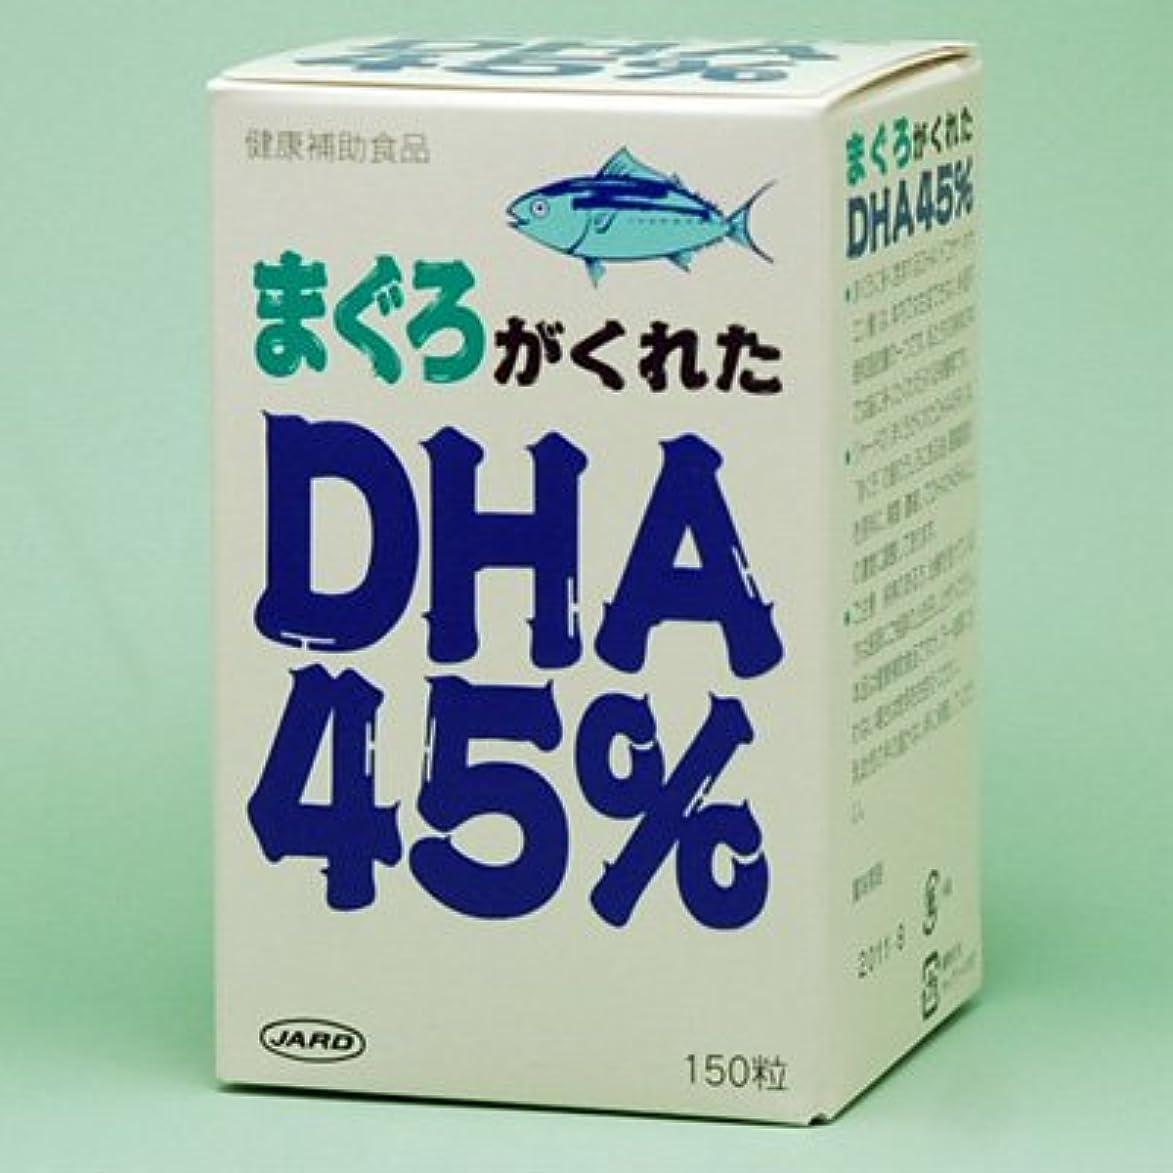 高める不快なフリースまぐろがくれたDHA45%【6本セット】ジャード